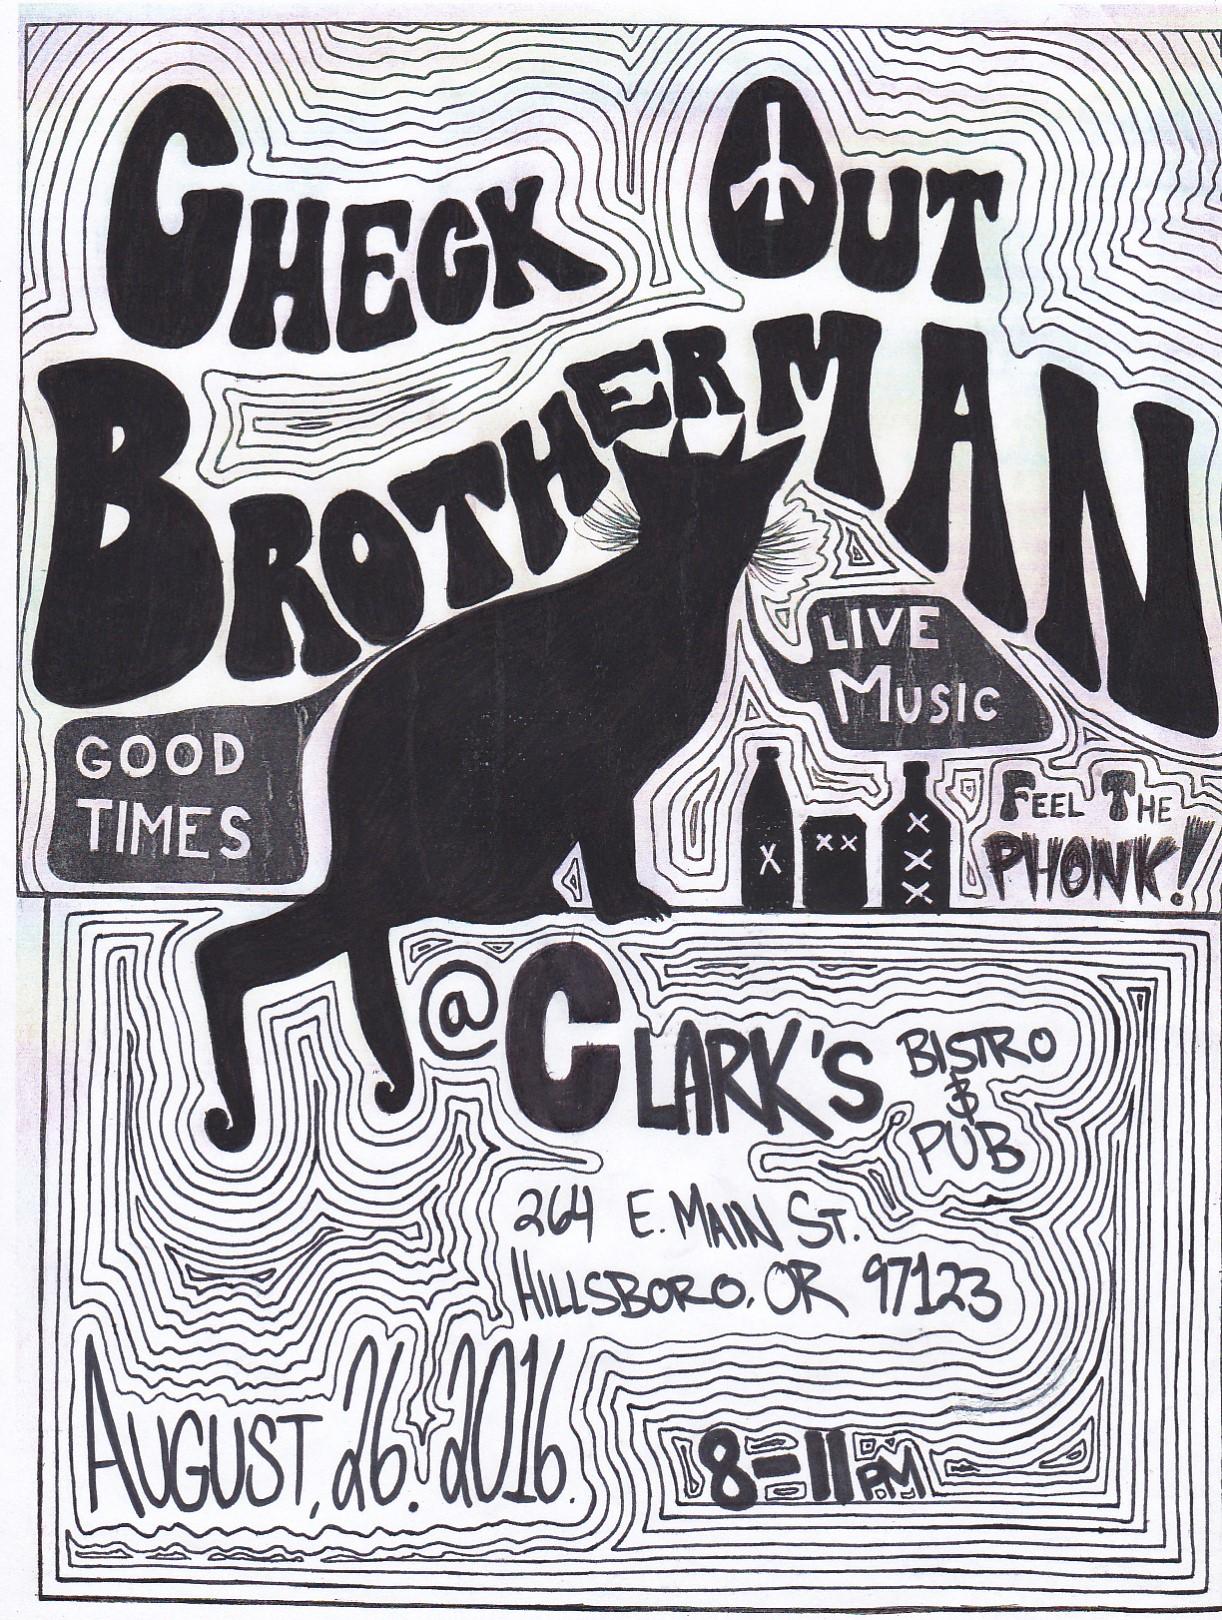 Brotherman Gig Poster